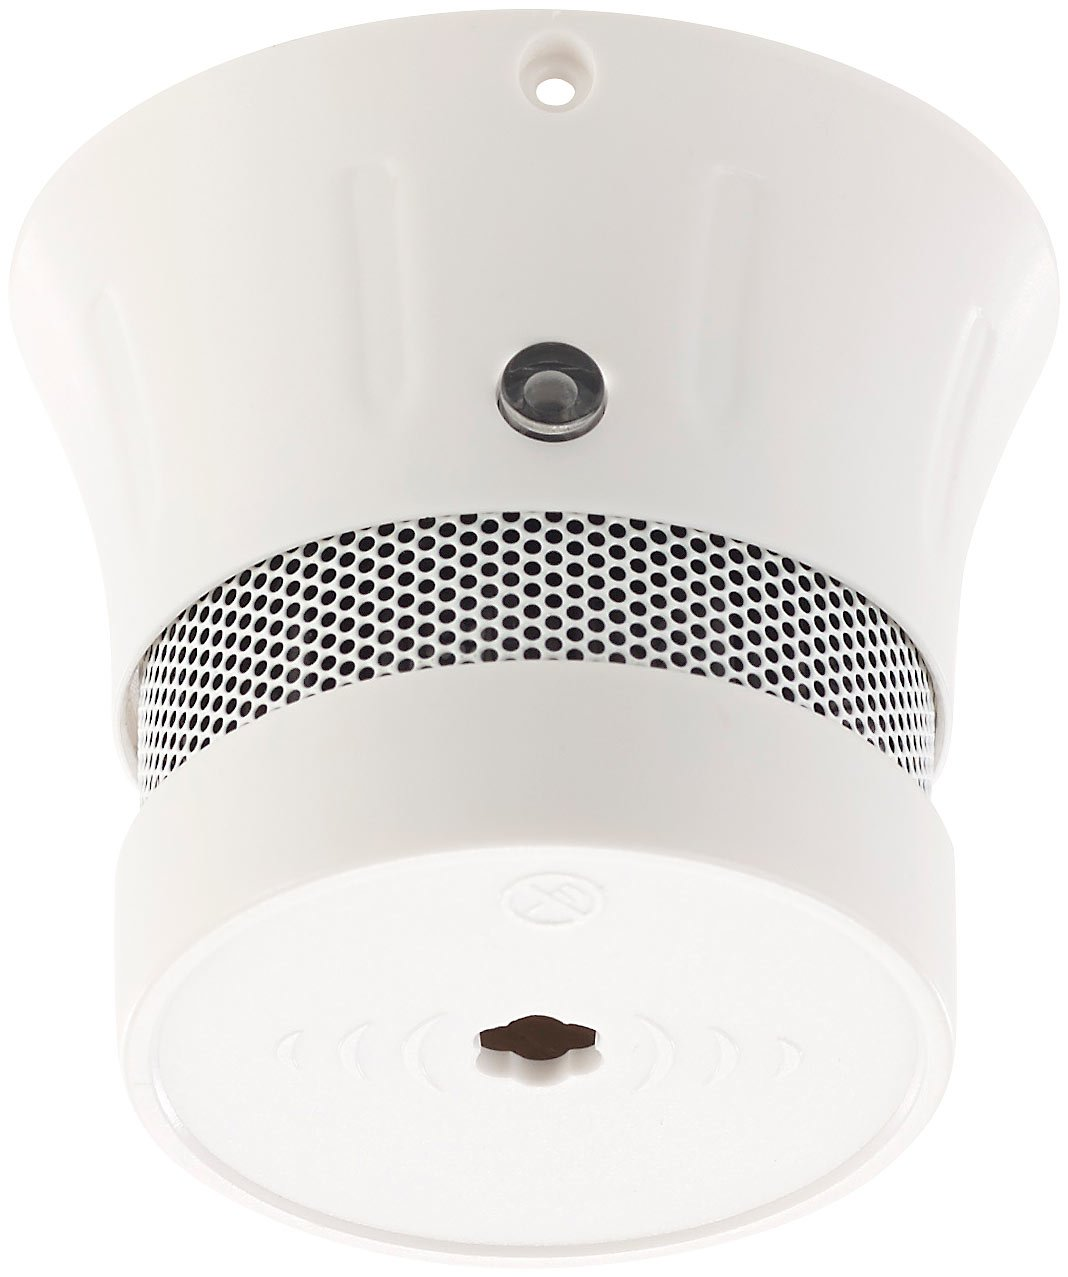 VisorTech - Mini detector de fuego: Mini detectores de humo con 5 años de batería, 85 Db, en 14604, 10 de Juego (Mini óptico de humo, fotoelektrisch, ...